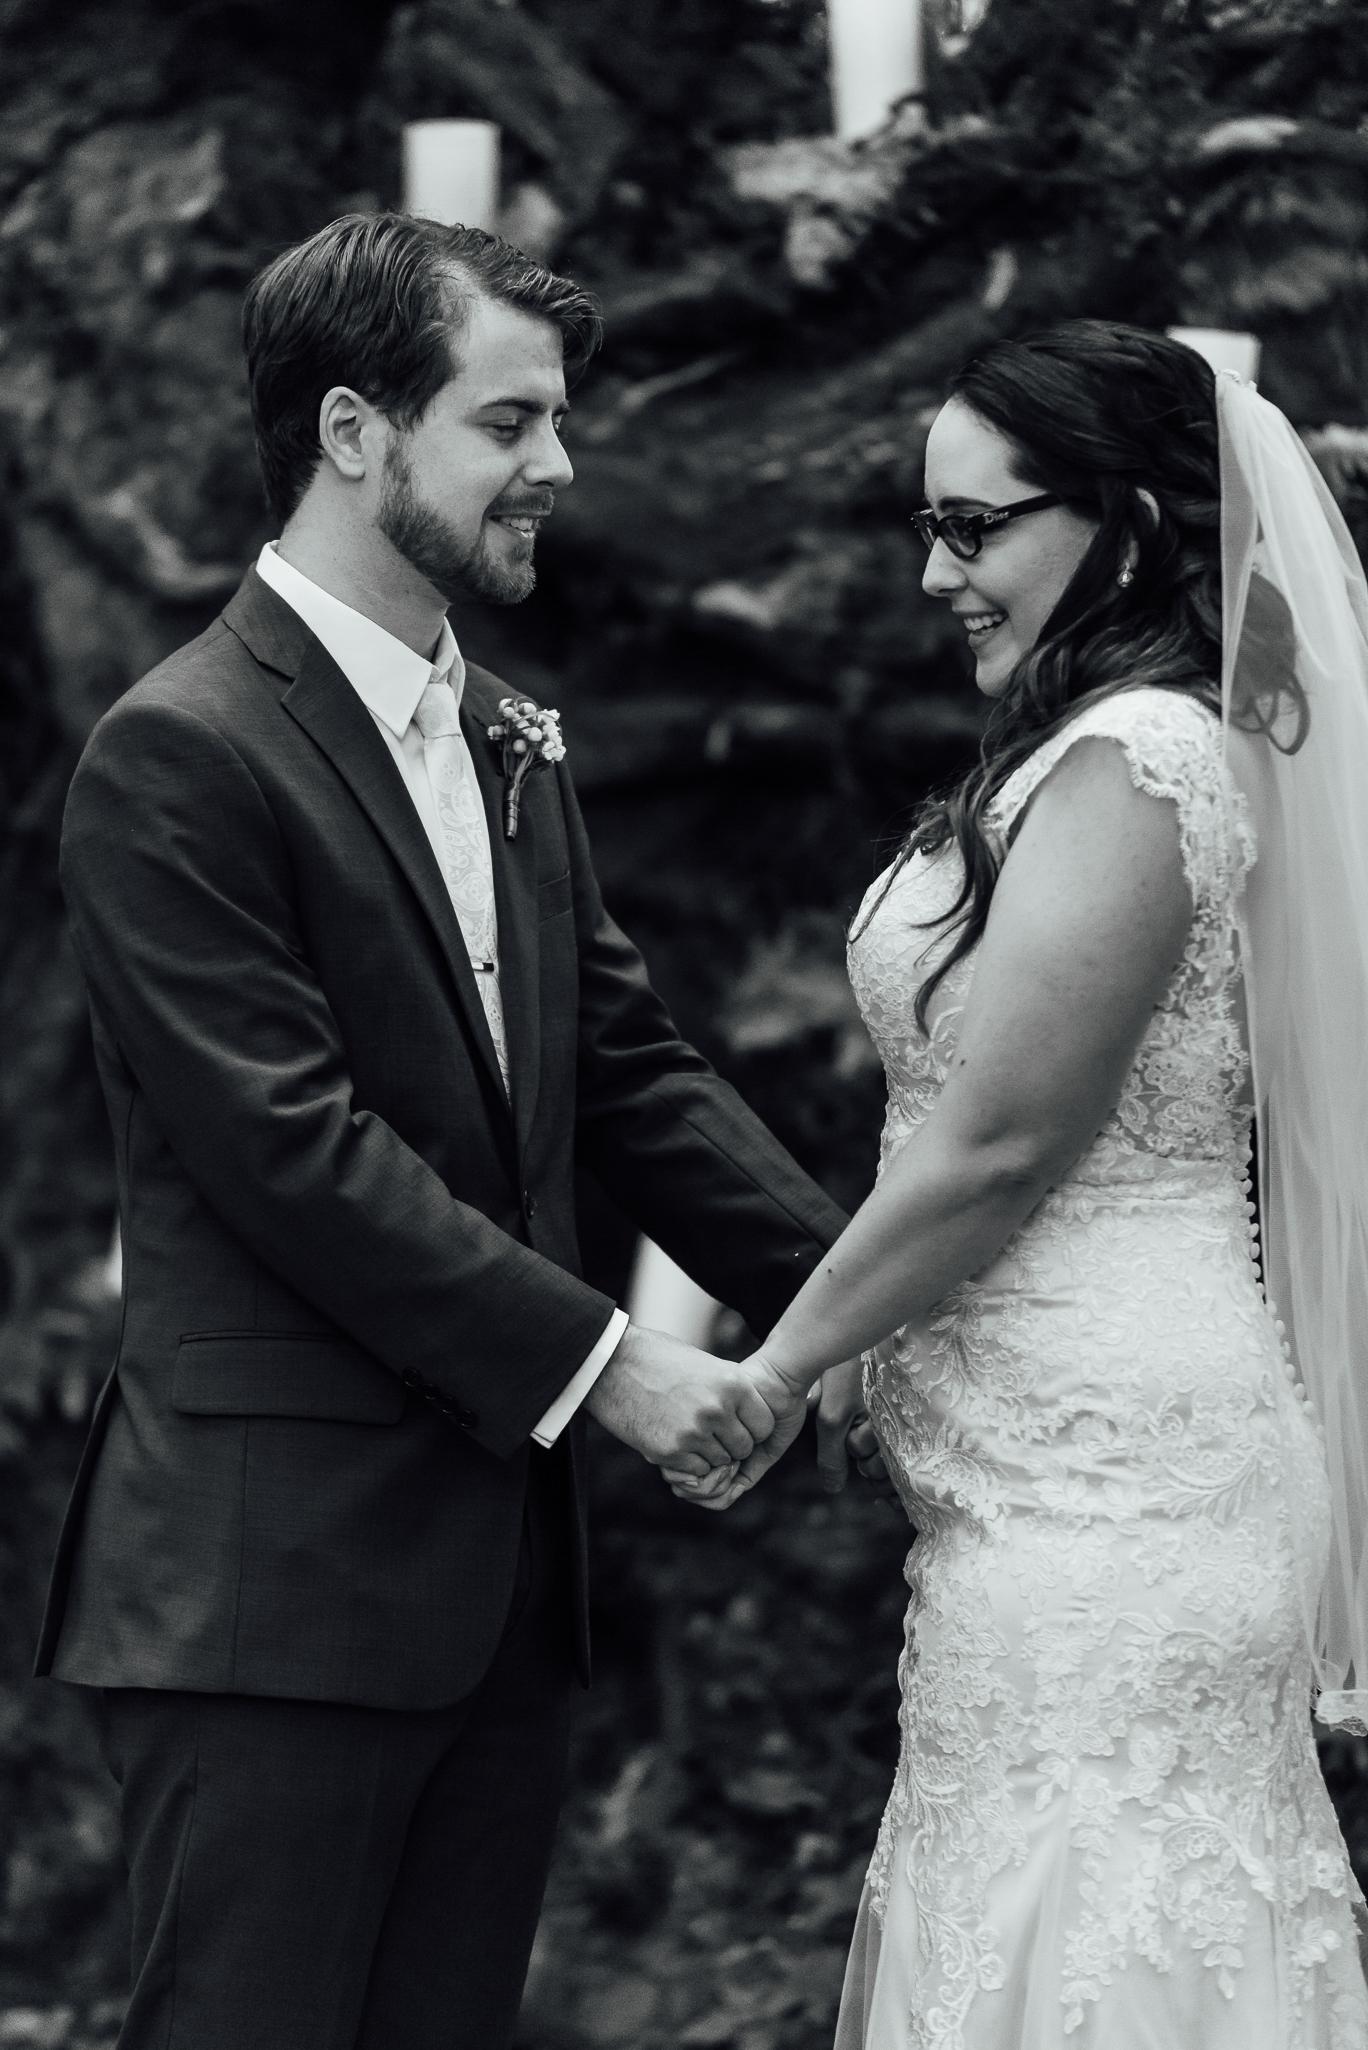 Nicola_Reiersen_Photography_Sea_Cider_Forest_Wedding (81).jpg